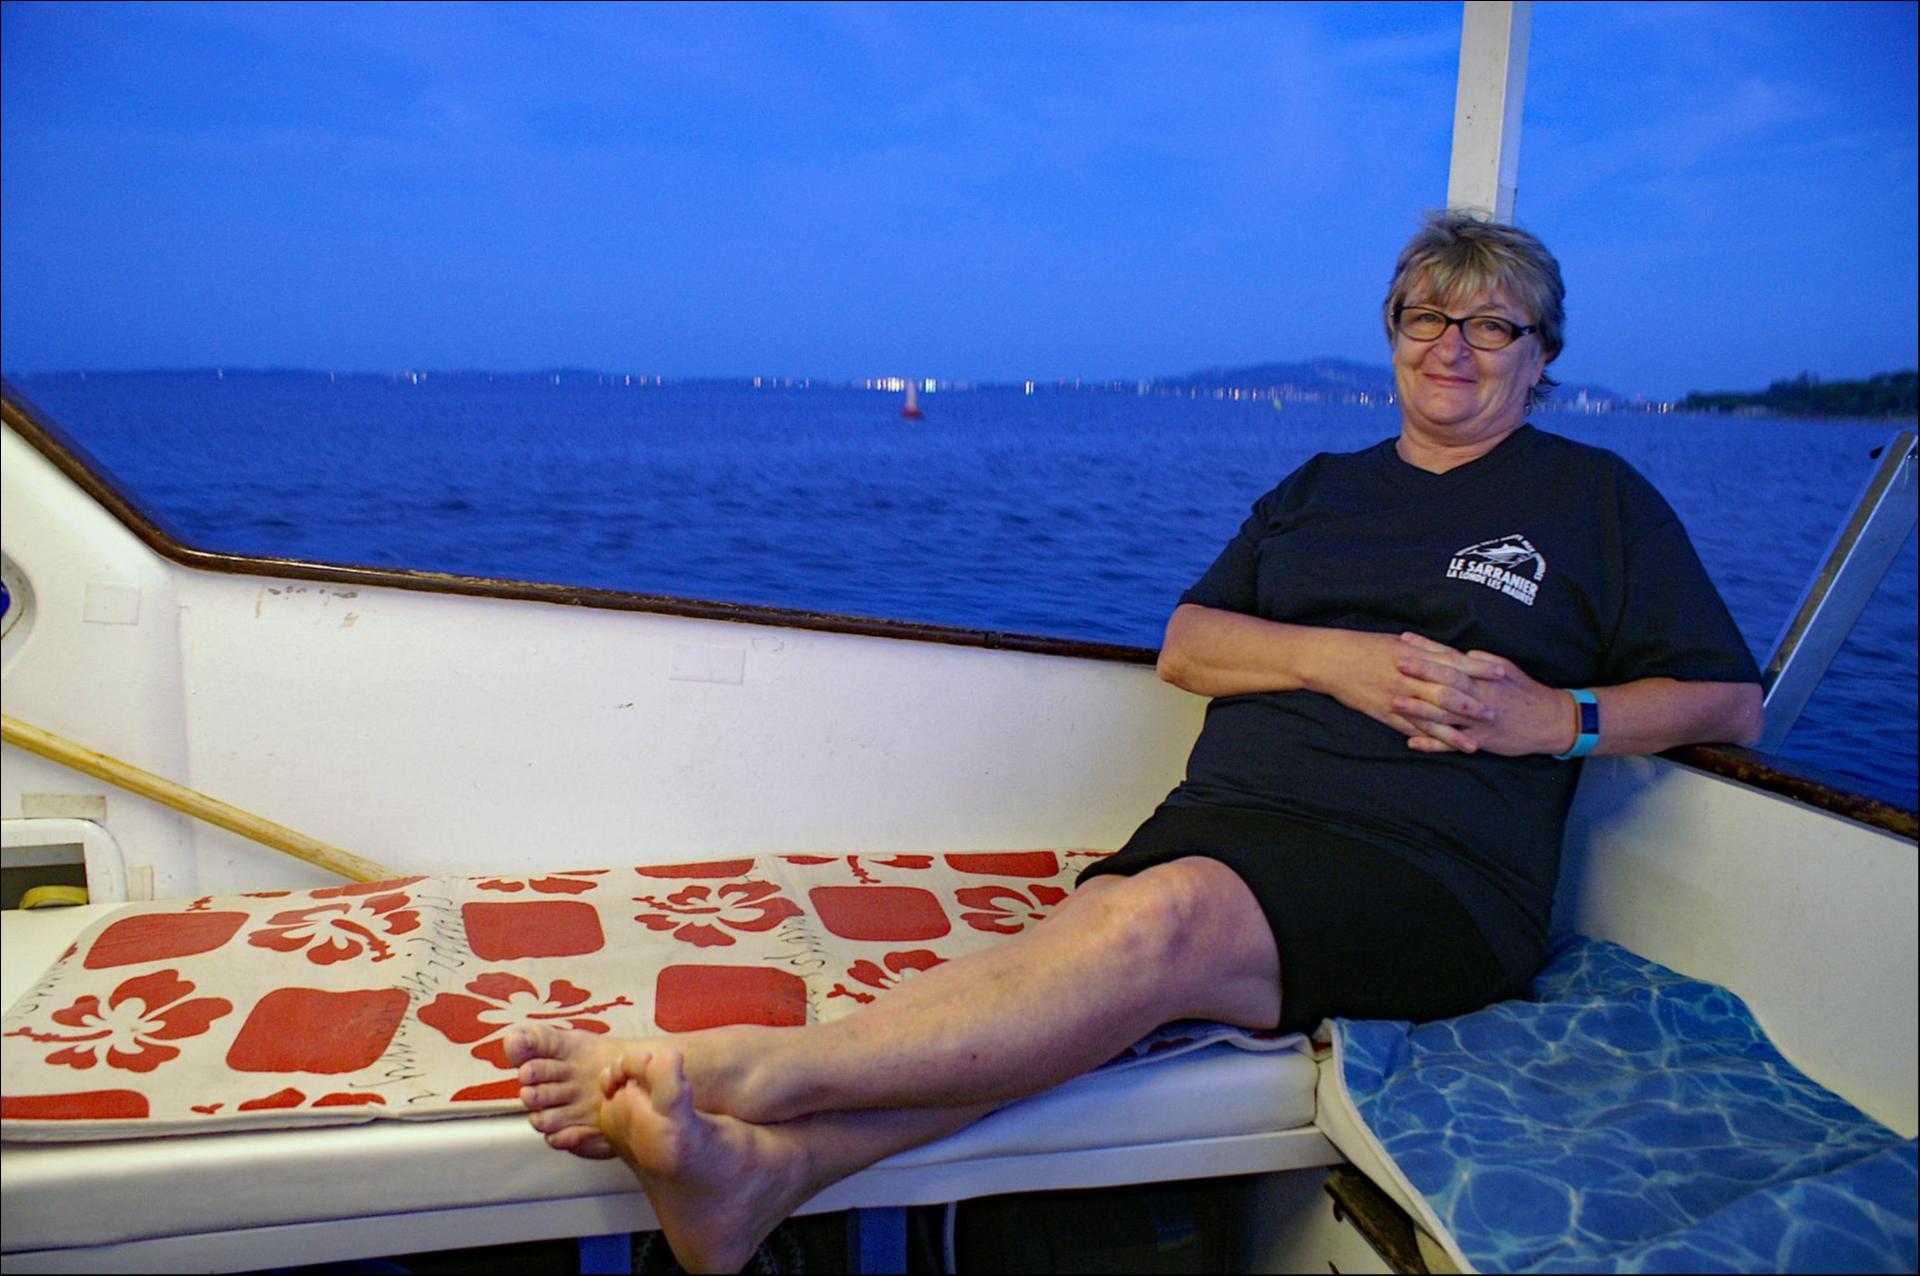 En mer, pour assister au départ, Sonia se repose enfin